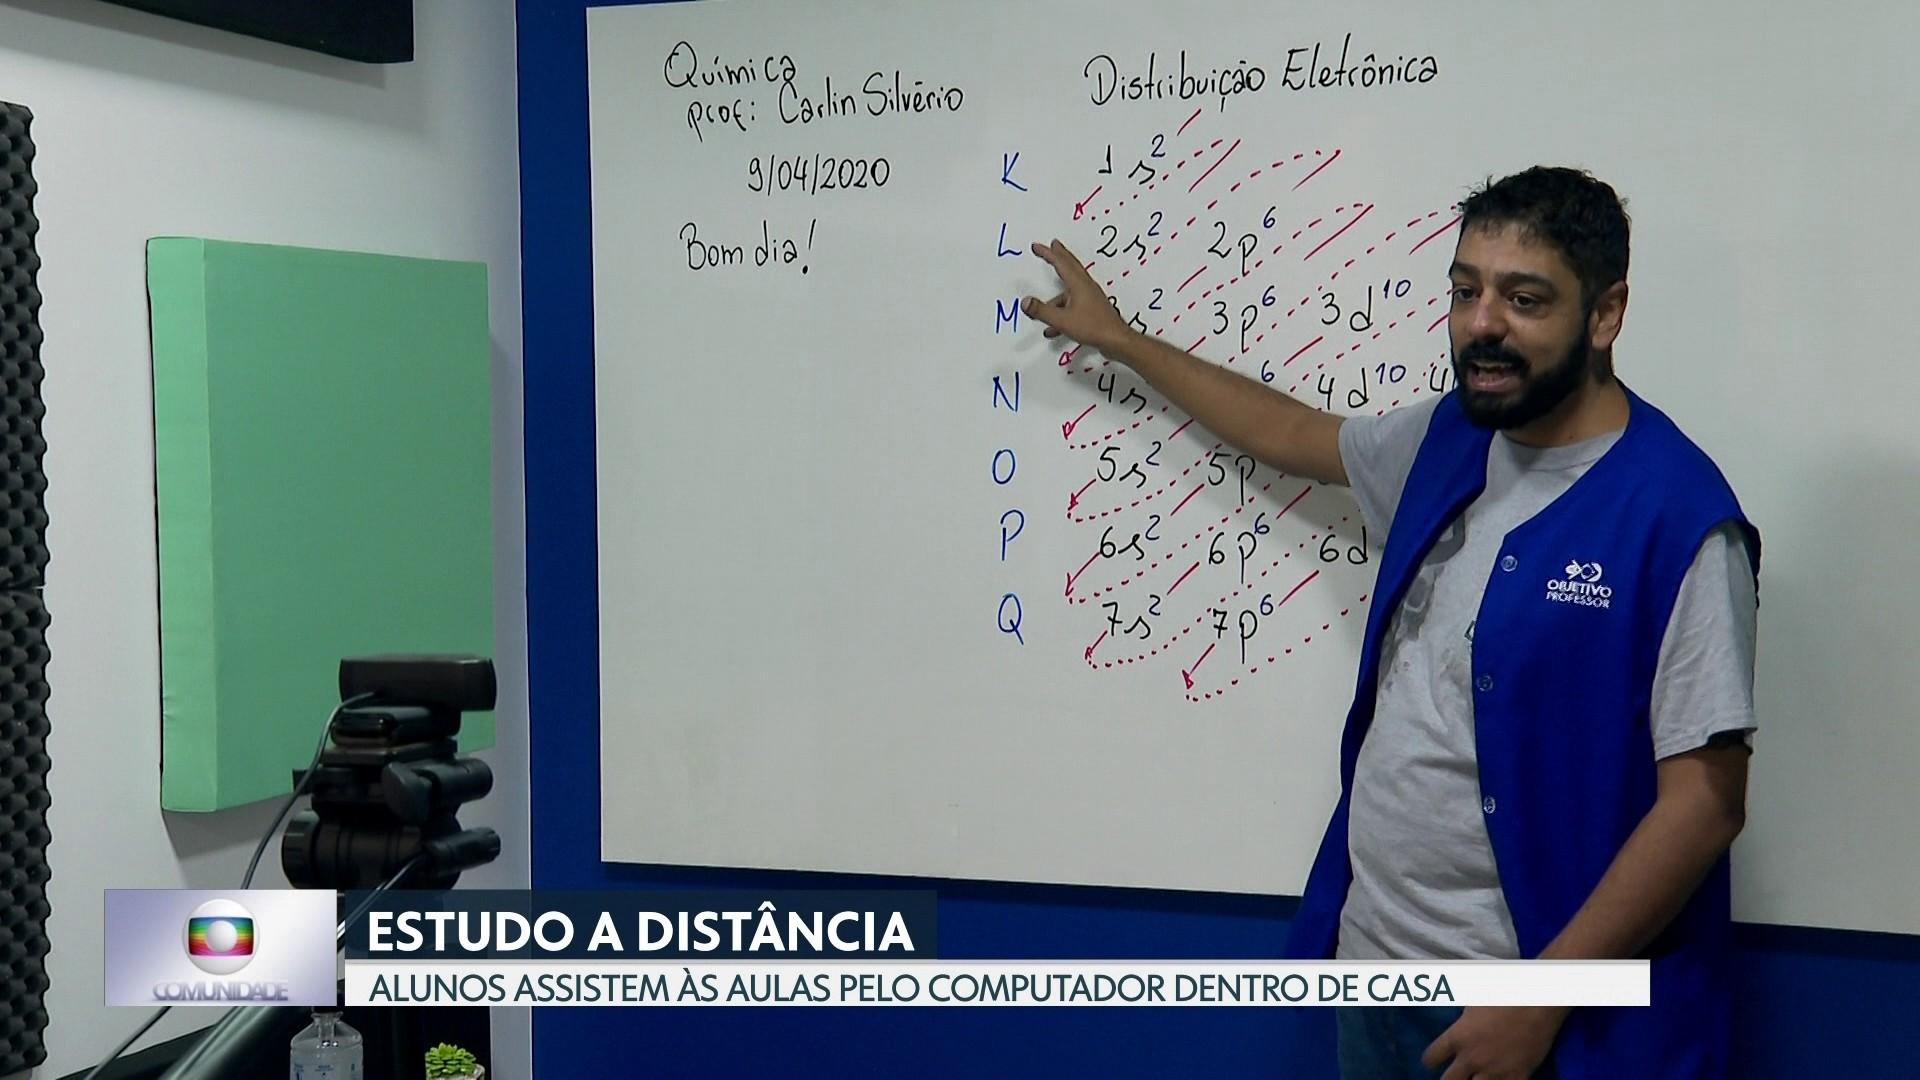 VÍDEOS: Globo Comunidade DF, 26 de abril